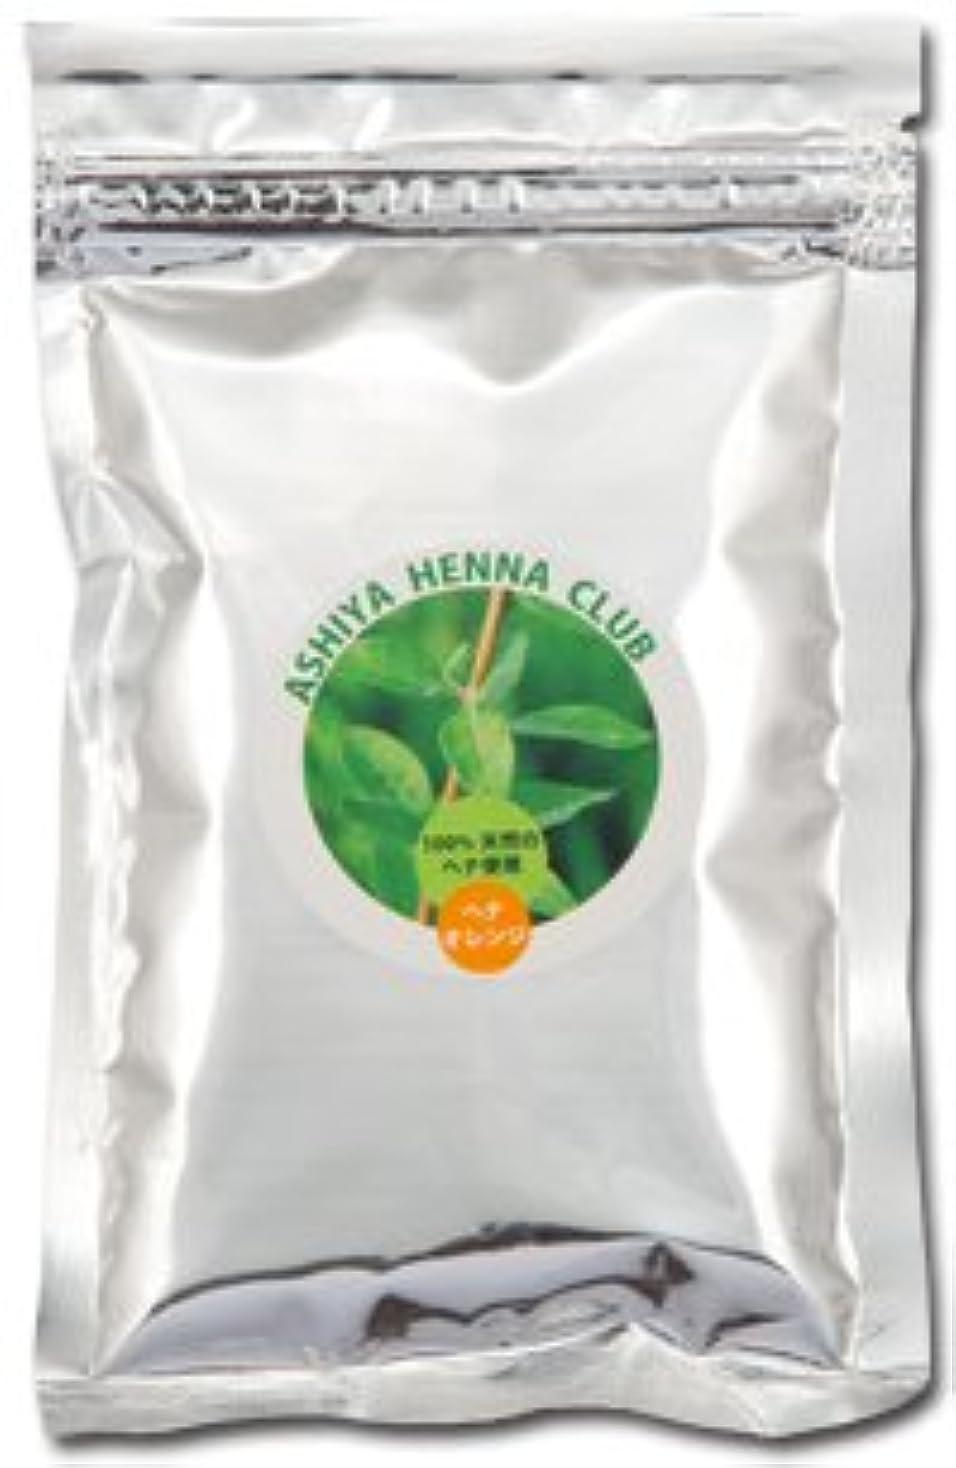 分泌する明確な芦屋ヘナ倶楽部ハーバルヘナピュア(オレンジ)3個 Aランクの上級天然ヘナ100% ヘナ用手袋プレゼント